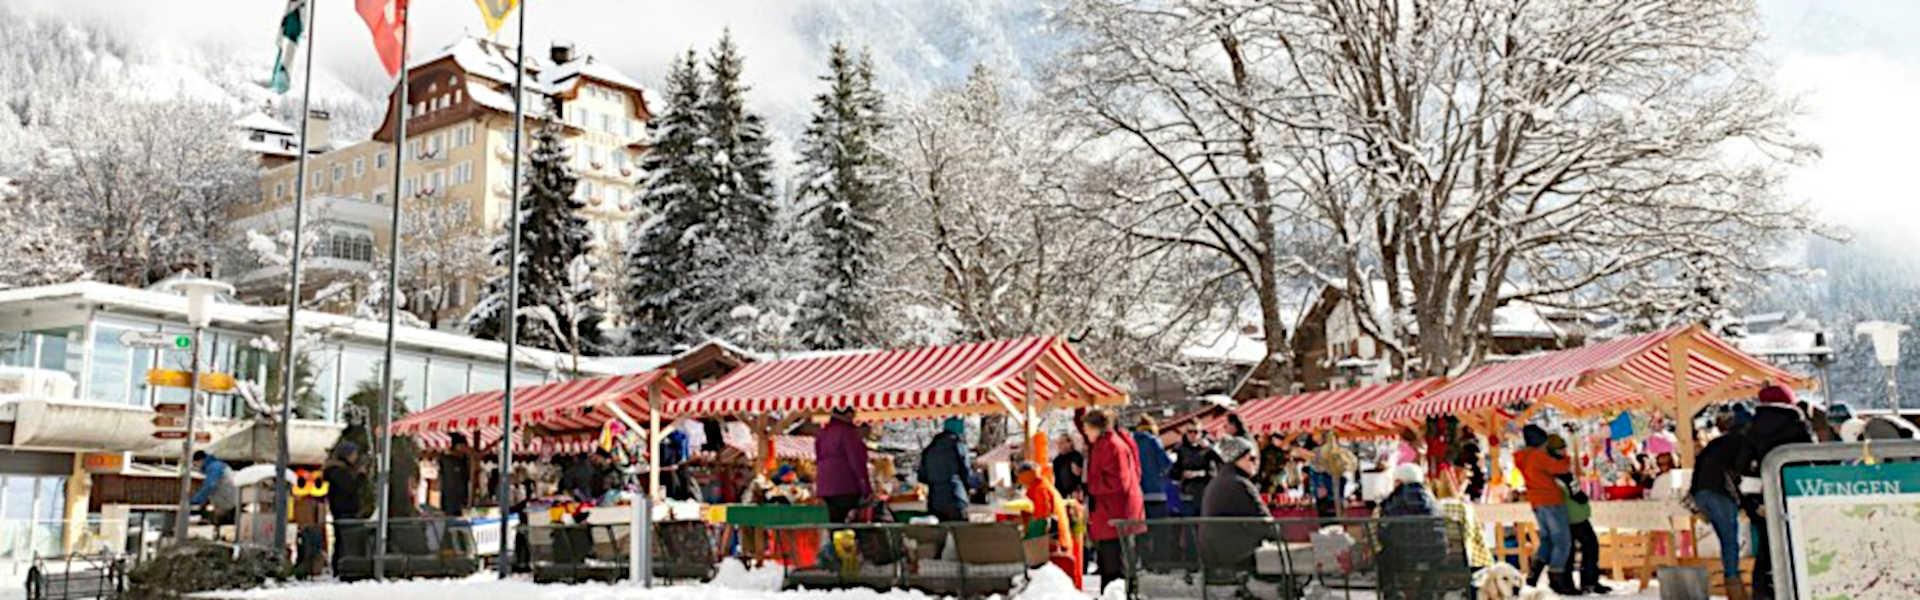 Wengen Advent Market 2019